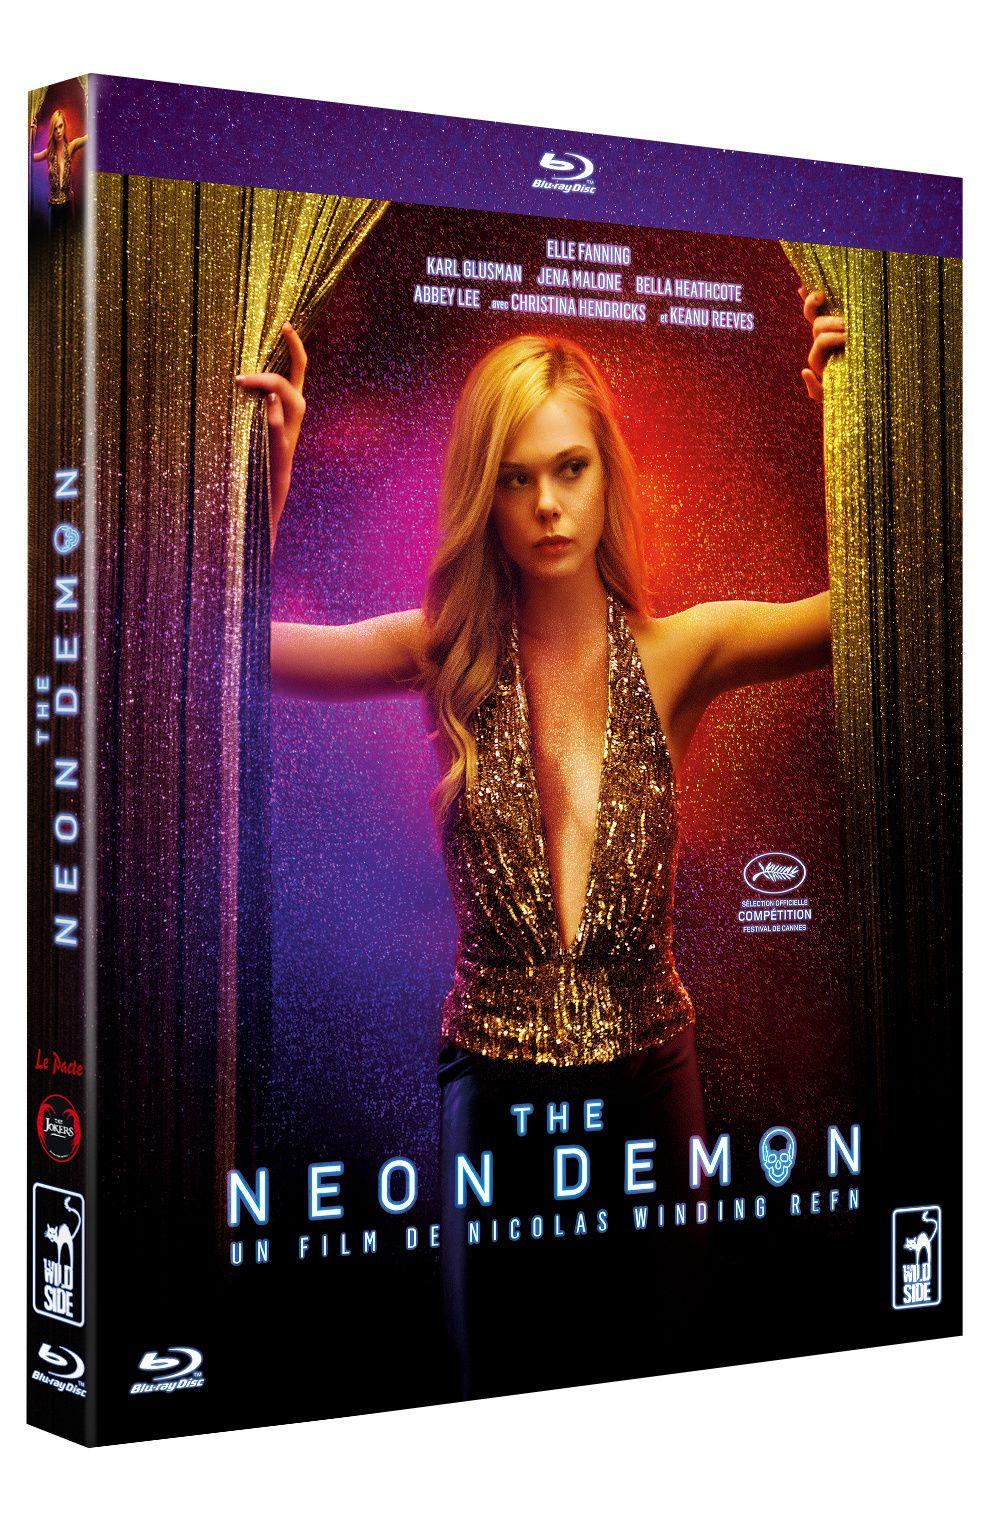 [concours] the Neon Demon : des DVD et Blu-rays à gagner